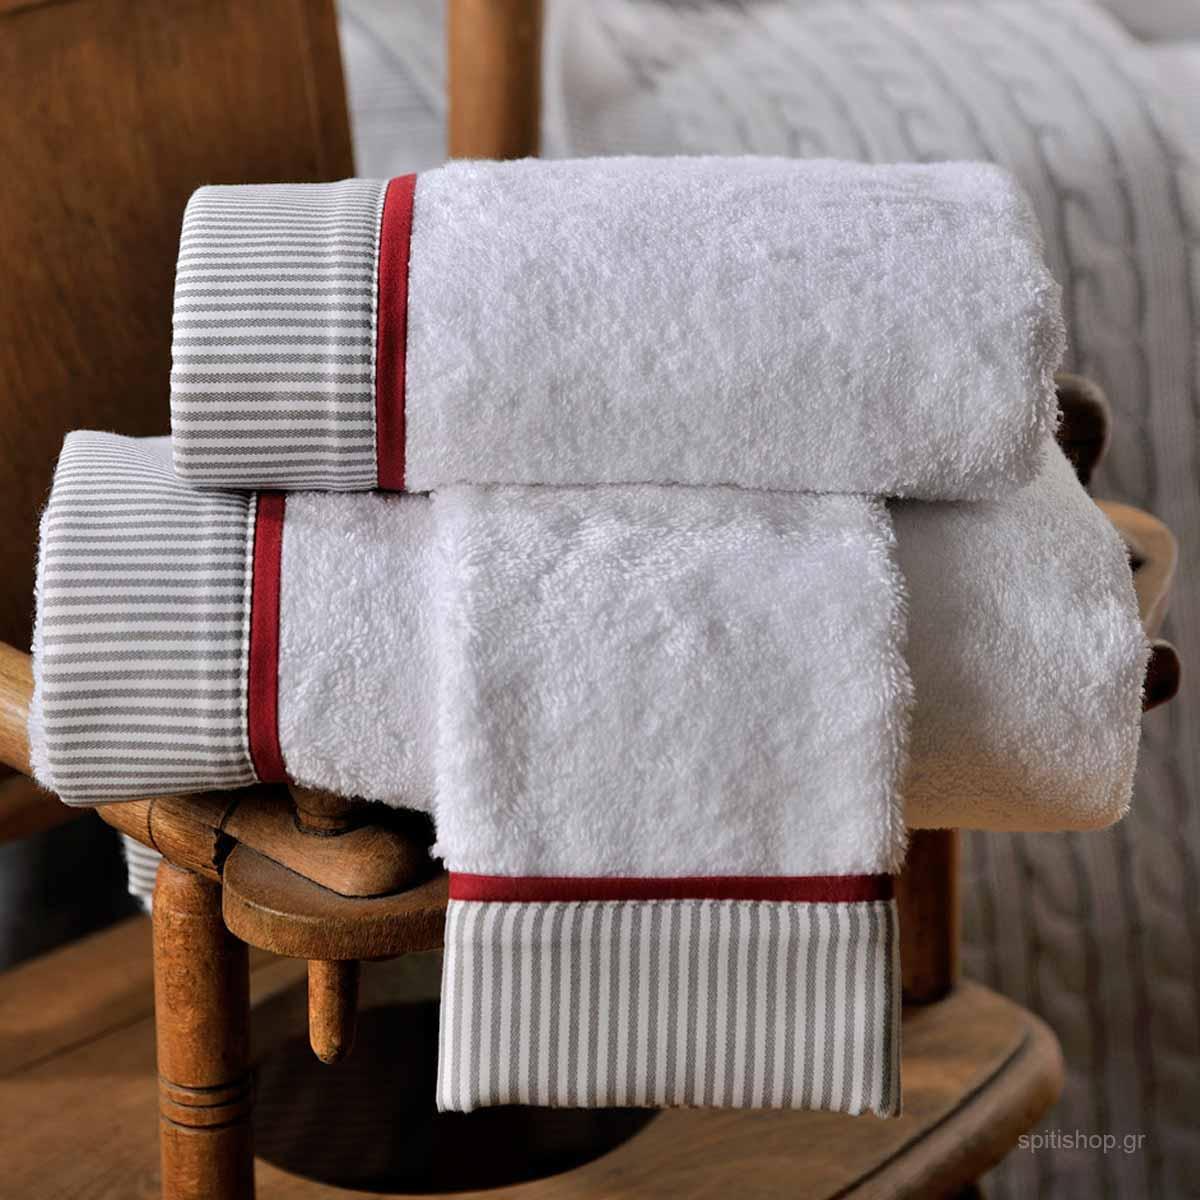 Πετσέτες Μπάνιου (Σετ 3τμχ) Down Town BS 701